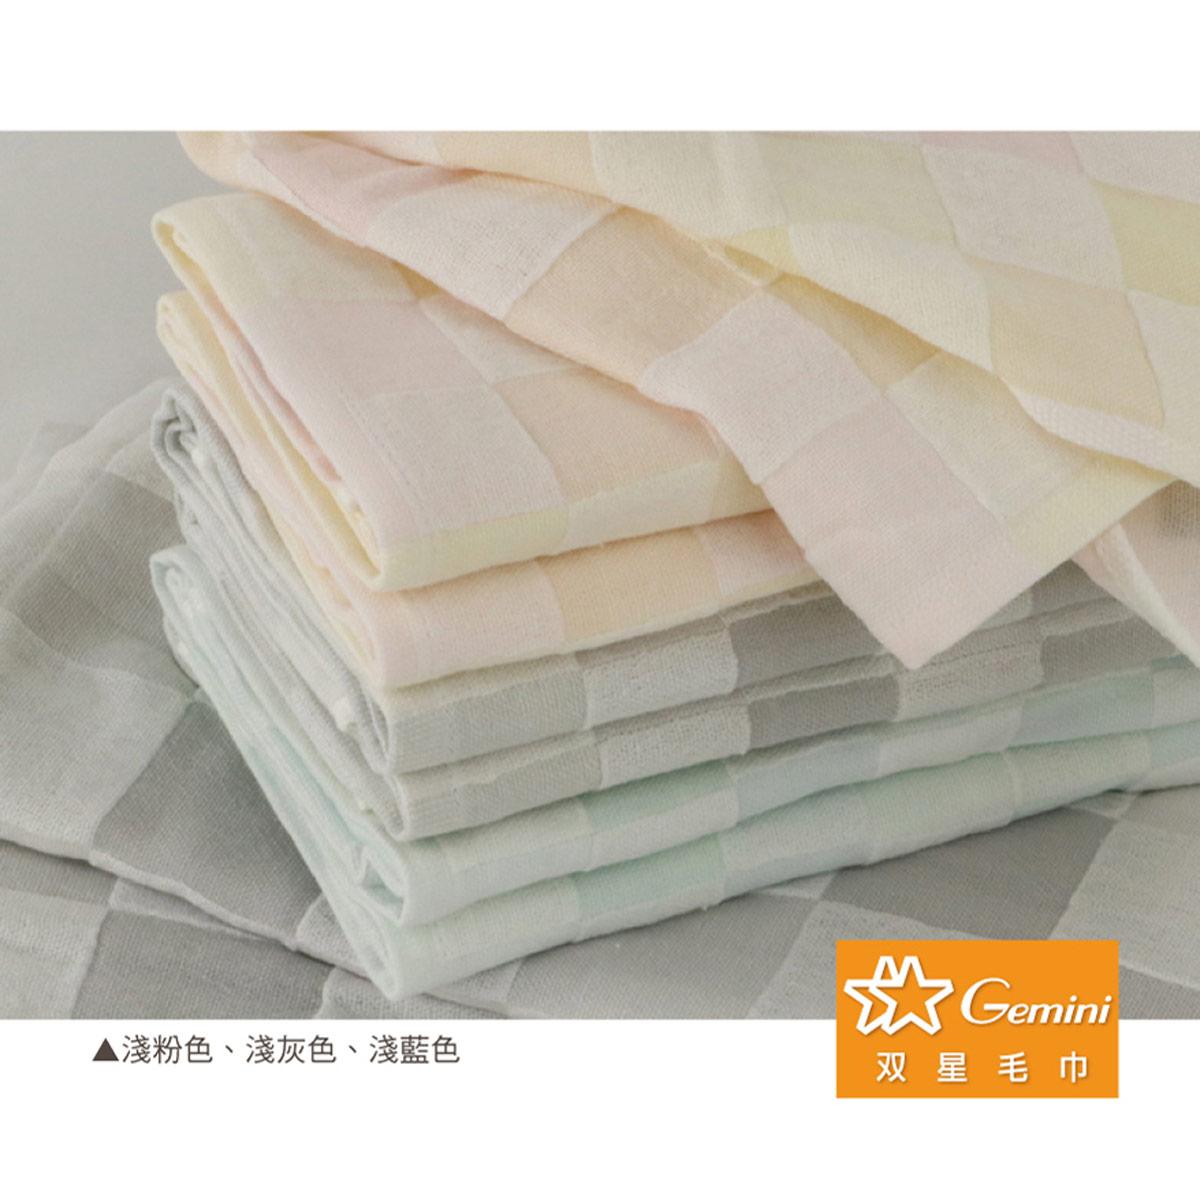 Gemini雙星毛巾彩色方格雙層紗布毛巾淺粉色。